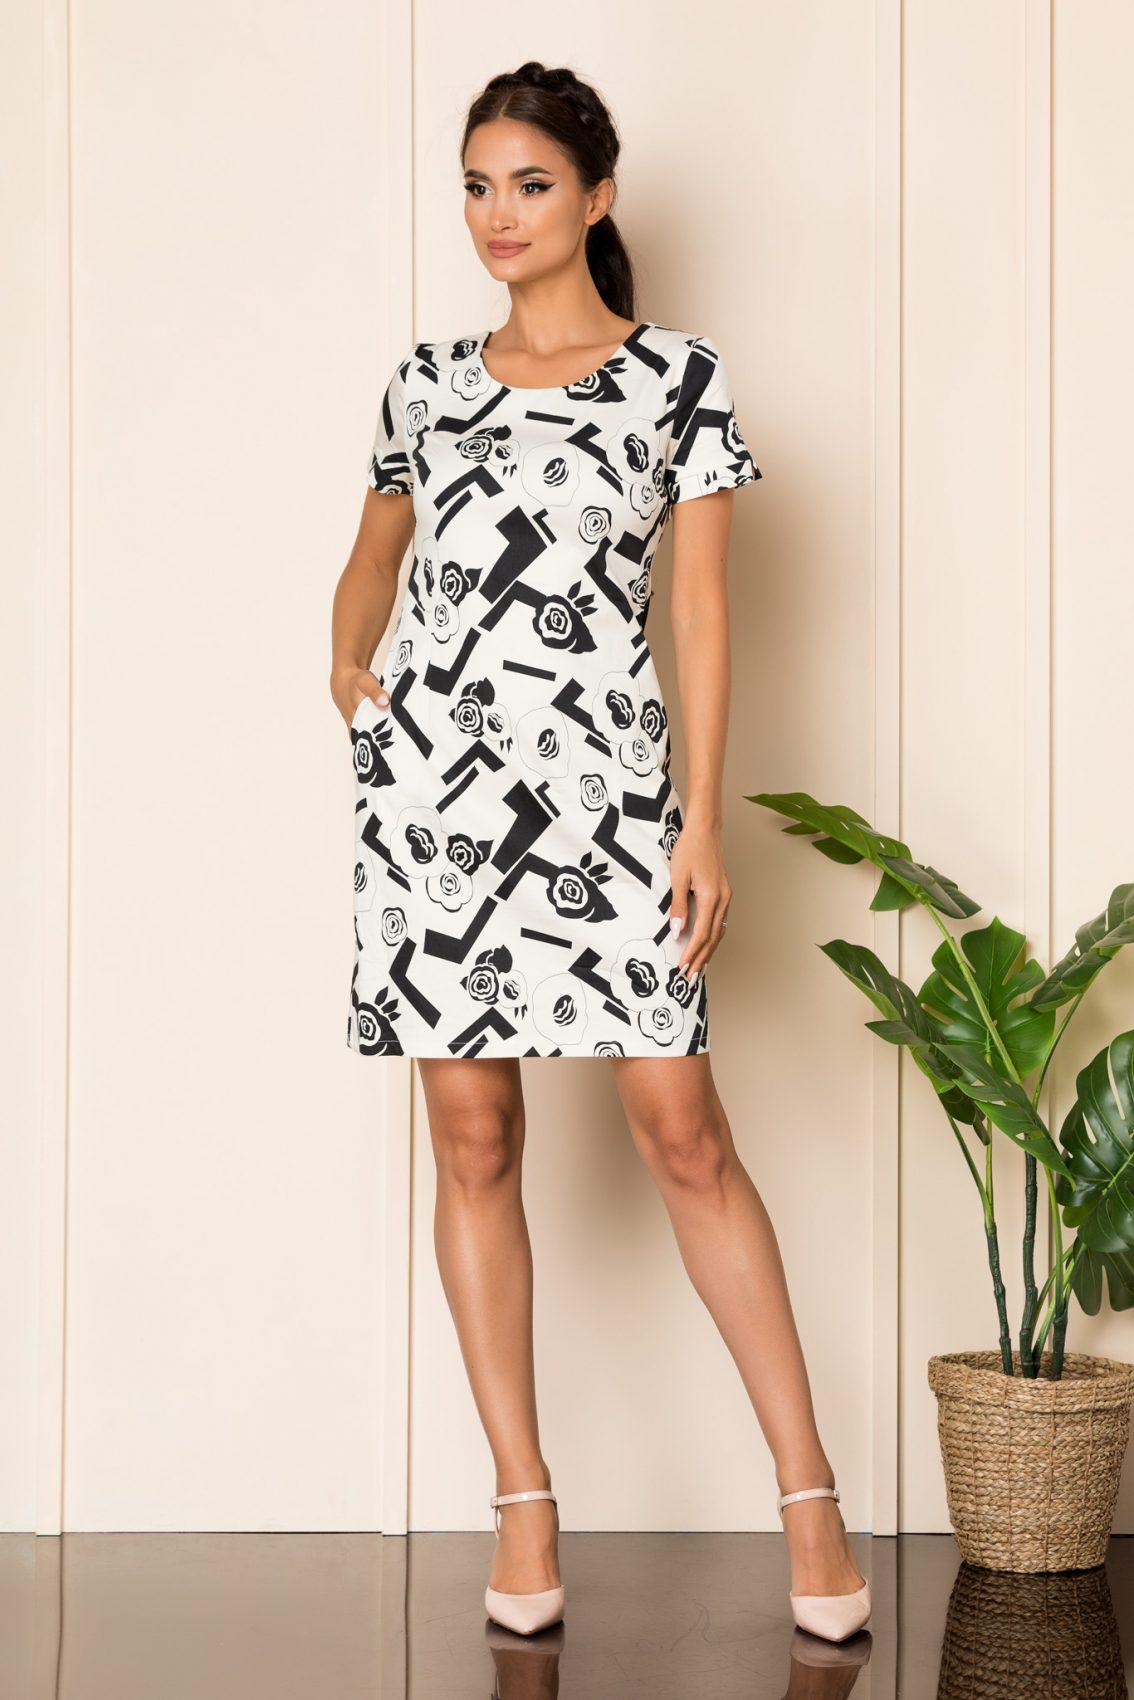 Ασπρόμαυρο Φόρεμα Σε Γραμμή Άλφα Carly A804 1